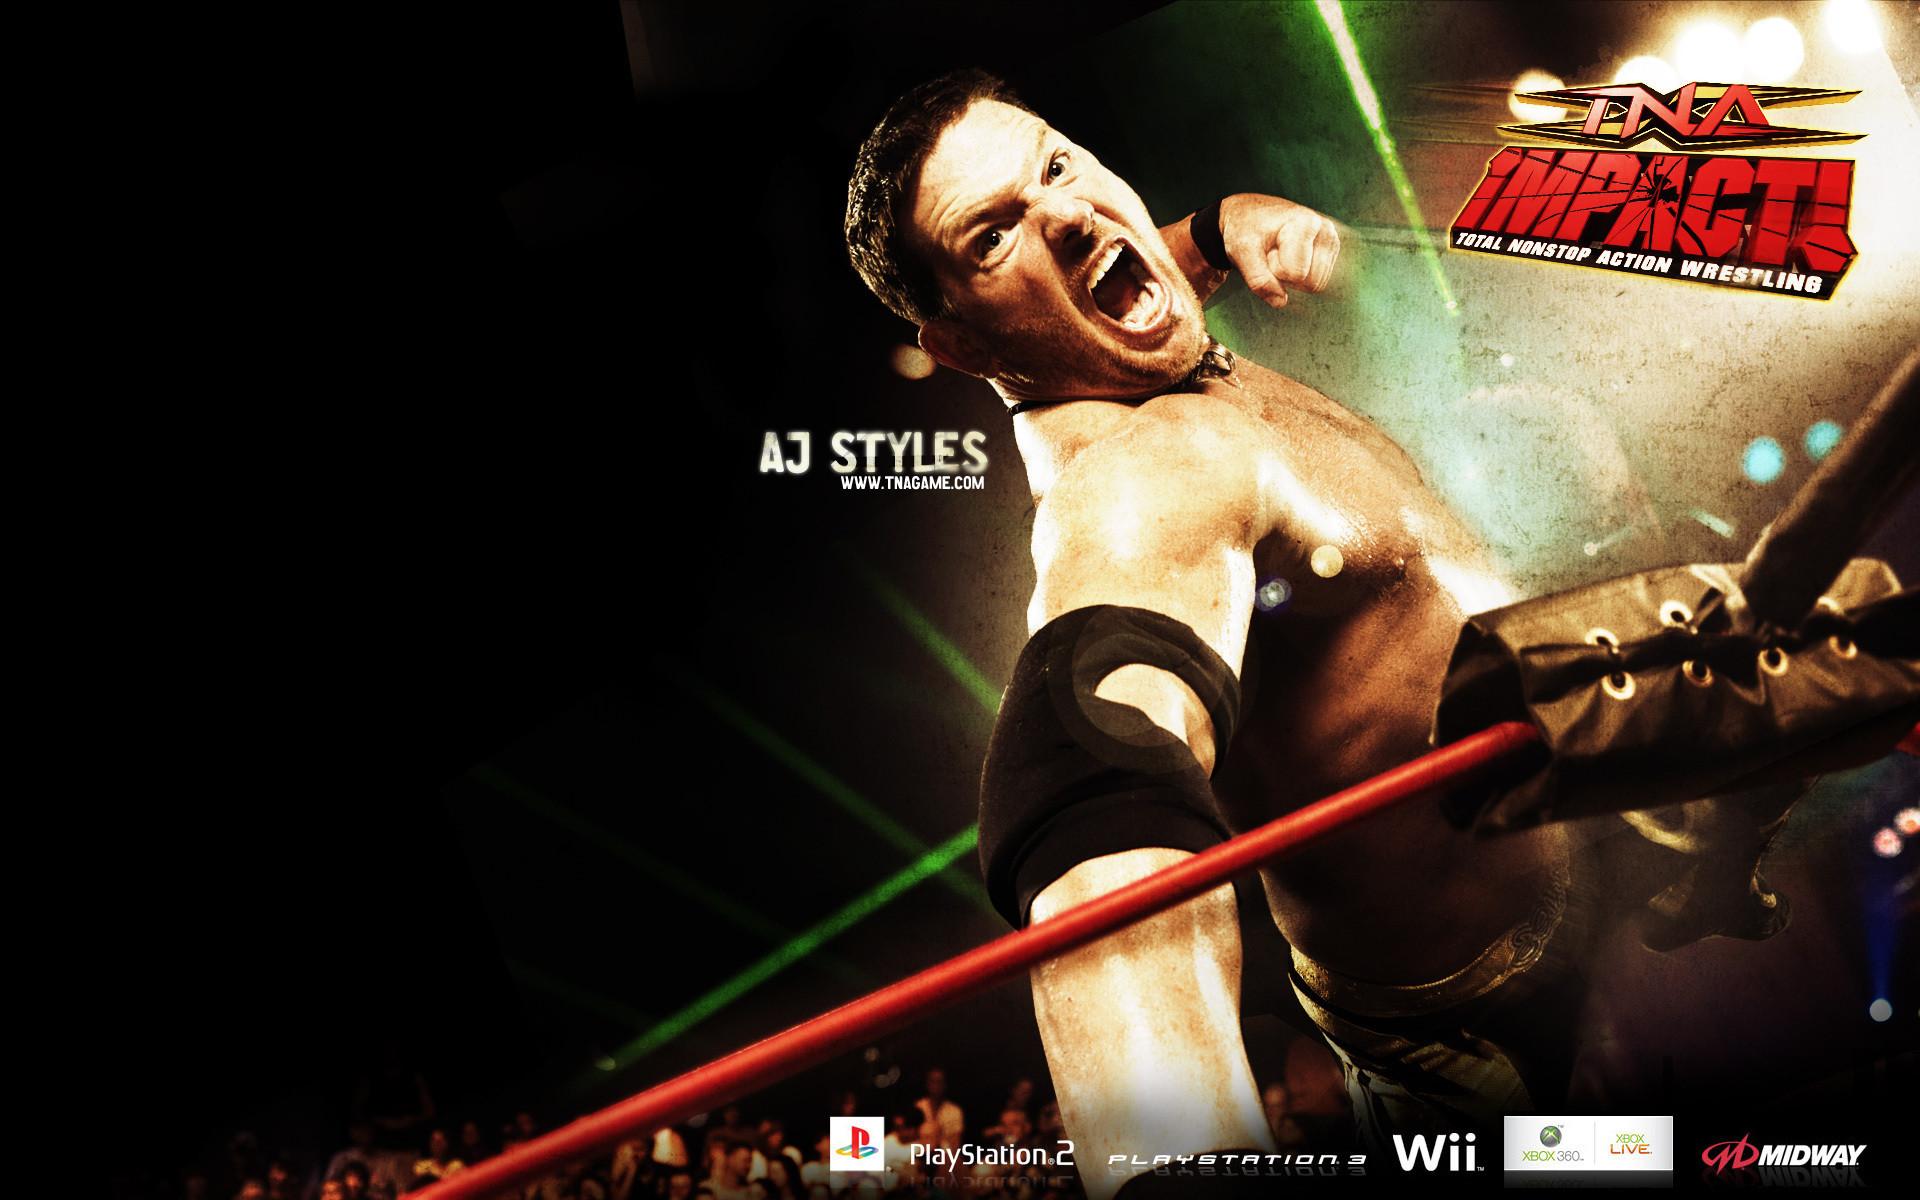 aj styles – TNA Wrestling Wallpaper (11396957) – Fanpop